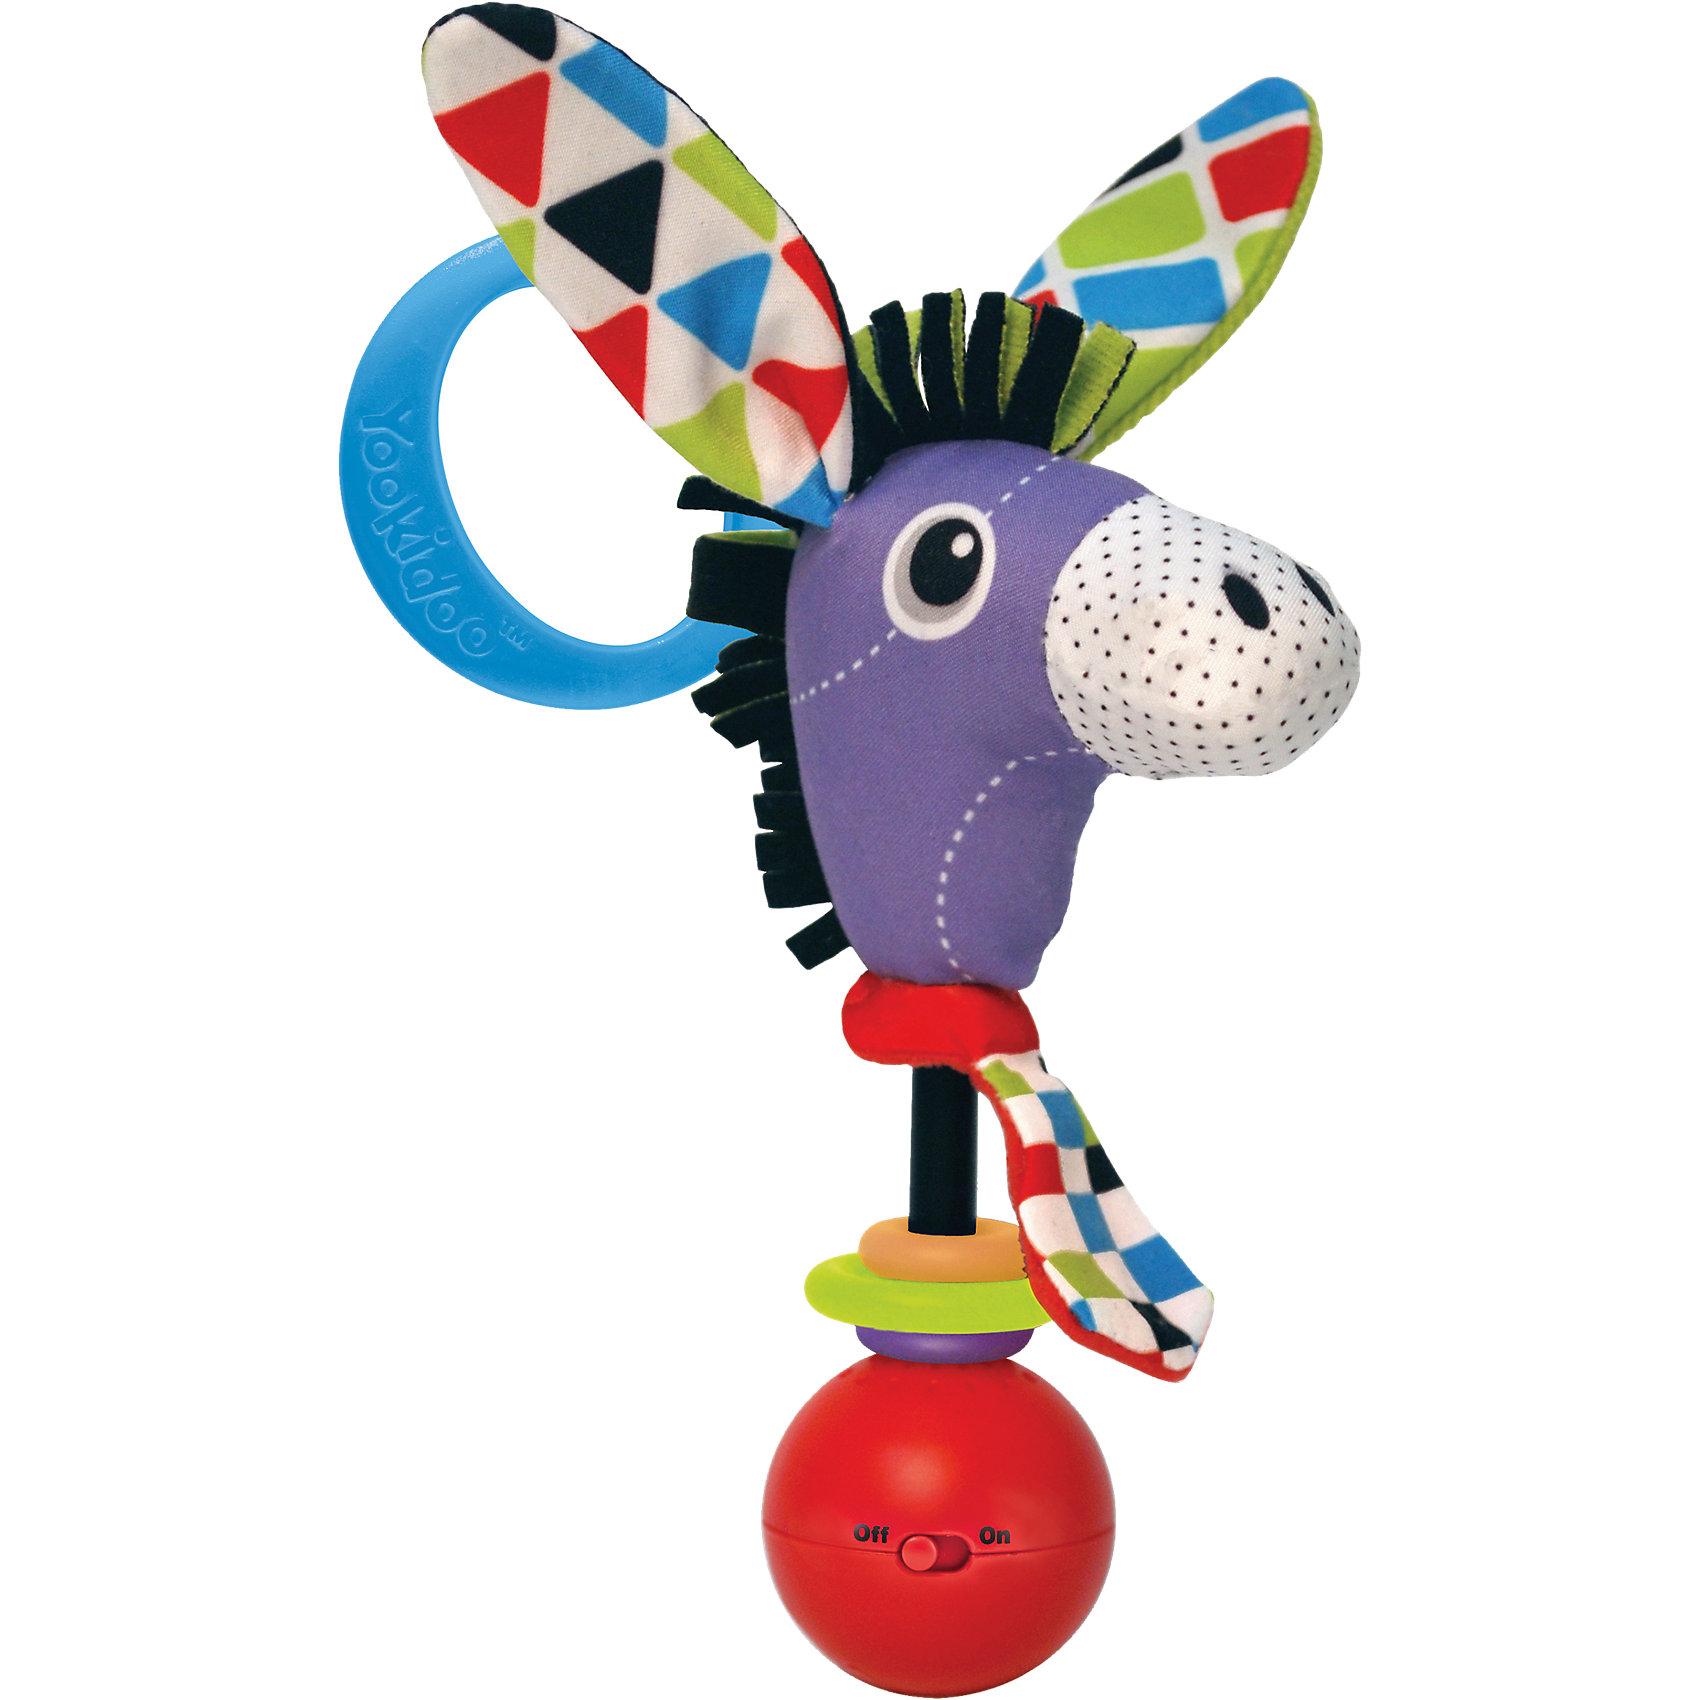 Погремушка Ослик,  YookidooИгрушки для малышей<br>Яркая и забавная погремушка в виде смешного Ослика не оставит равнодушным ни ребенка, ни взрослого. Погремушка оснащена звуковыми эффектами, которые включаются, когда ребенок ее встряхивает. В комплект к погремушке входит большое пластиковое кольцо, благодаря которому, ее можно подвесить в коляску или кроватку. Погремушка Ослик улучшит хватательные навыки малыша, укрепит мускулатуру детских рук, улучшит зрительное и слуховое восприятие, а также подарит хорошее настроение.<br><br>Дополнительная информация:<br><br>- Комплектация: погремушка, пластиковое кольцо для подвешивания.<br>- Материал: пластик, текстиль.<br>- Цвет: красный, голубой, белый, желтый, розовый, фиолетовый.<br>- Размер упаковки: 5 x 16 x 19 см.<br>- Звуковые эффекты: есть.<br>- Элемент питания: батарейки 3хLR44 (входят в комплект).<br><br>Погремушку Ослик,  Yookidoo можно купить в нашем магазине.<br><br>Ширина мм: 195<br>Глубина мм: 50<br>Высота мм: 165<br>Вес г: 63<br>Возраст от месяцев: 0<br>Возраст до месяцев: 12<br>Пол: Унисекс<br>Возраст: Детский<br>SKU: 3908345